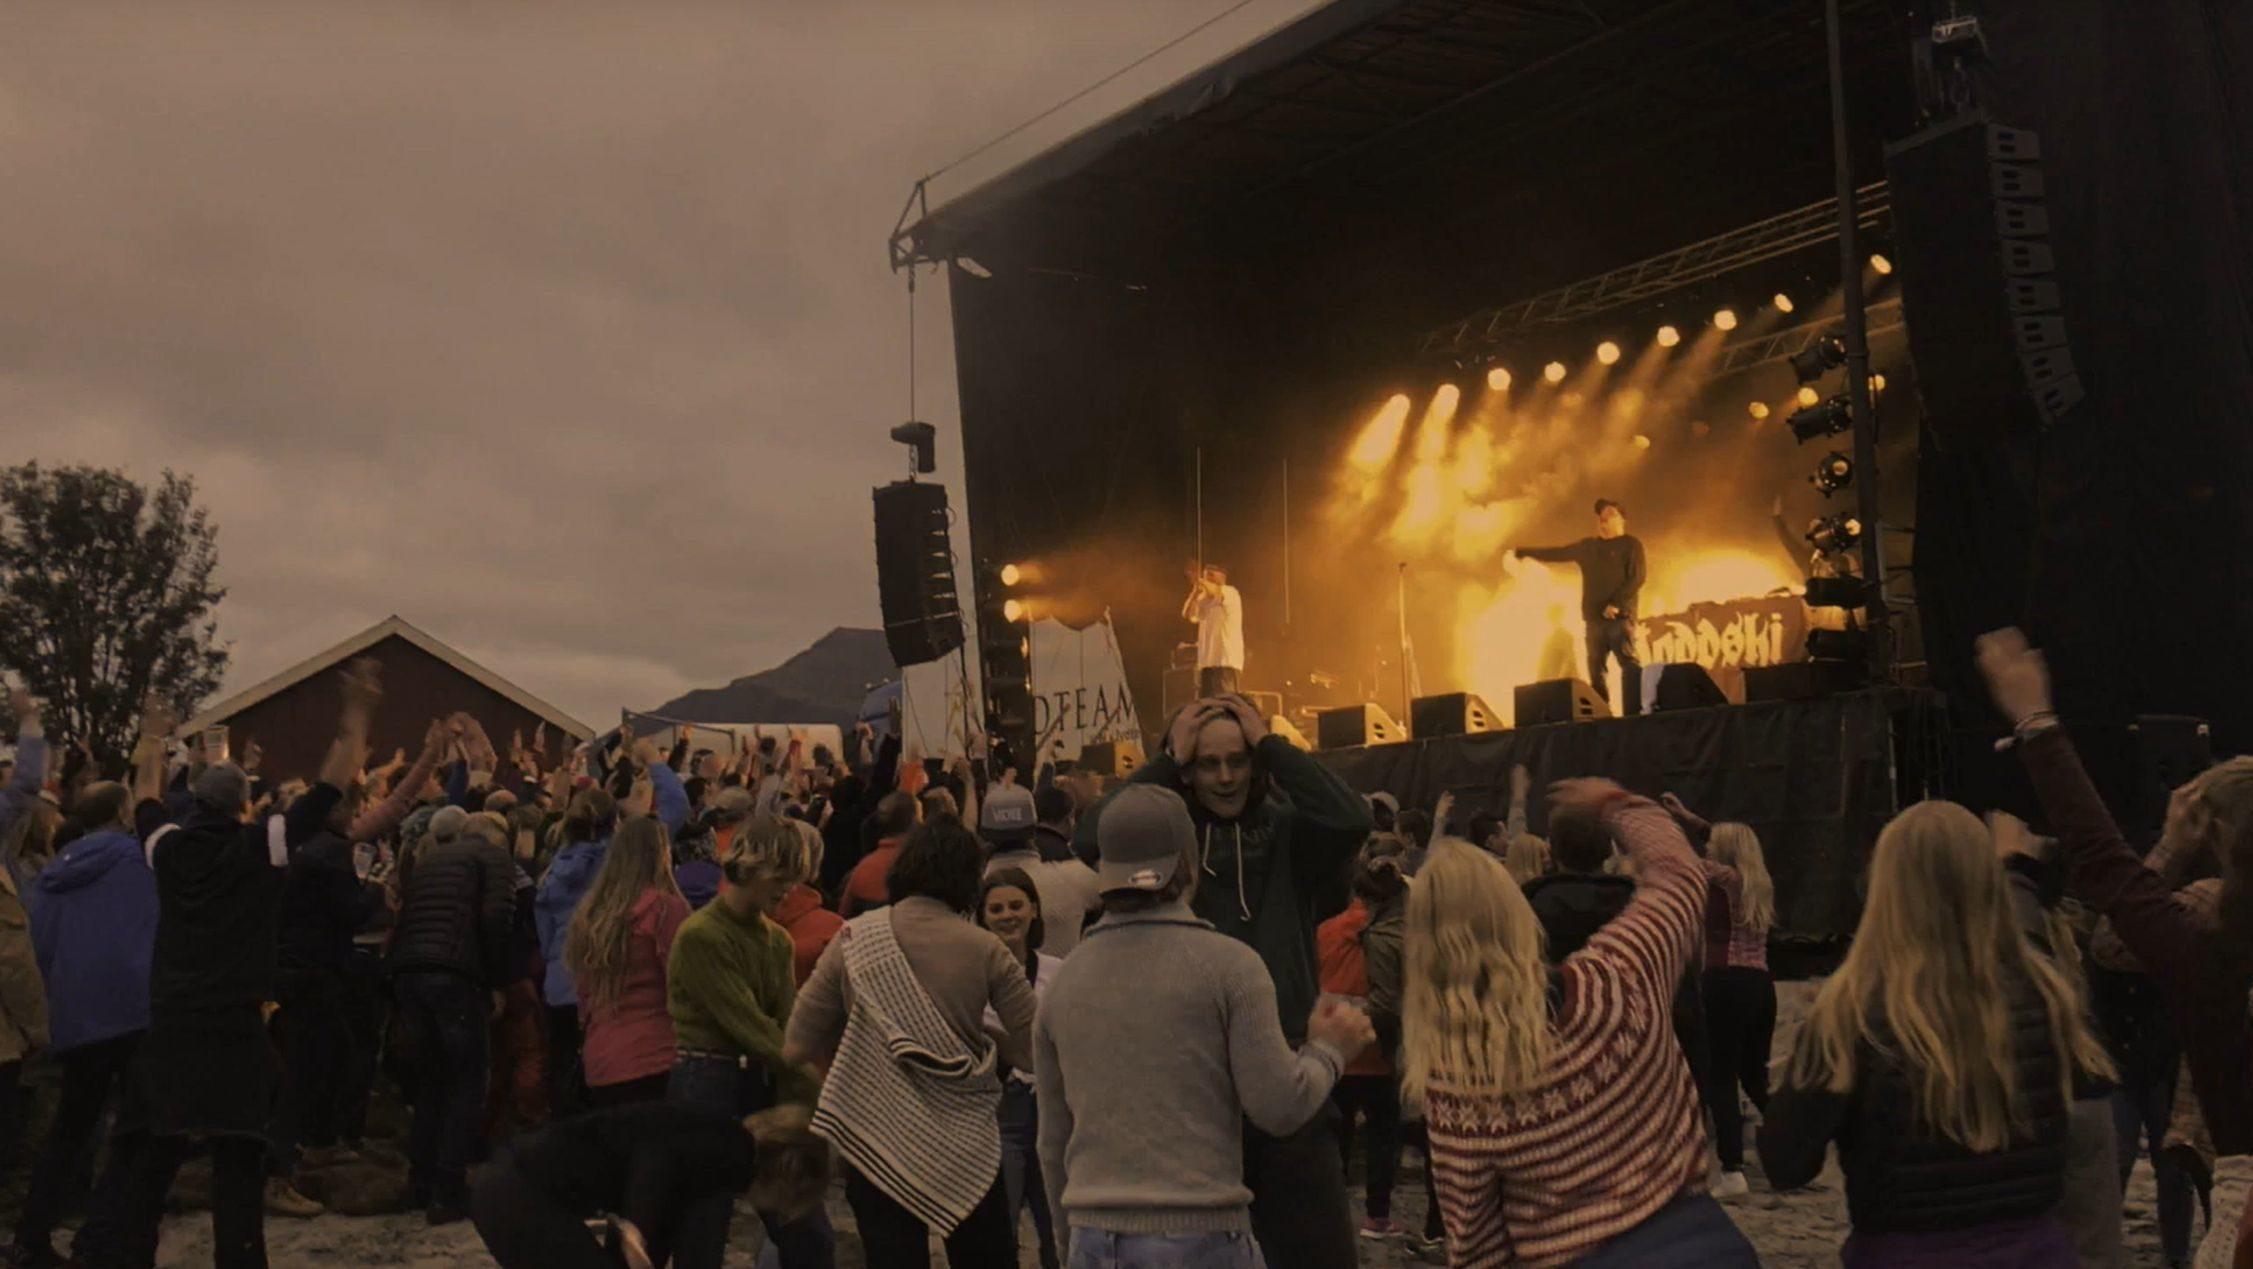 God nok festivalen